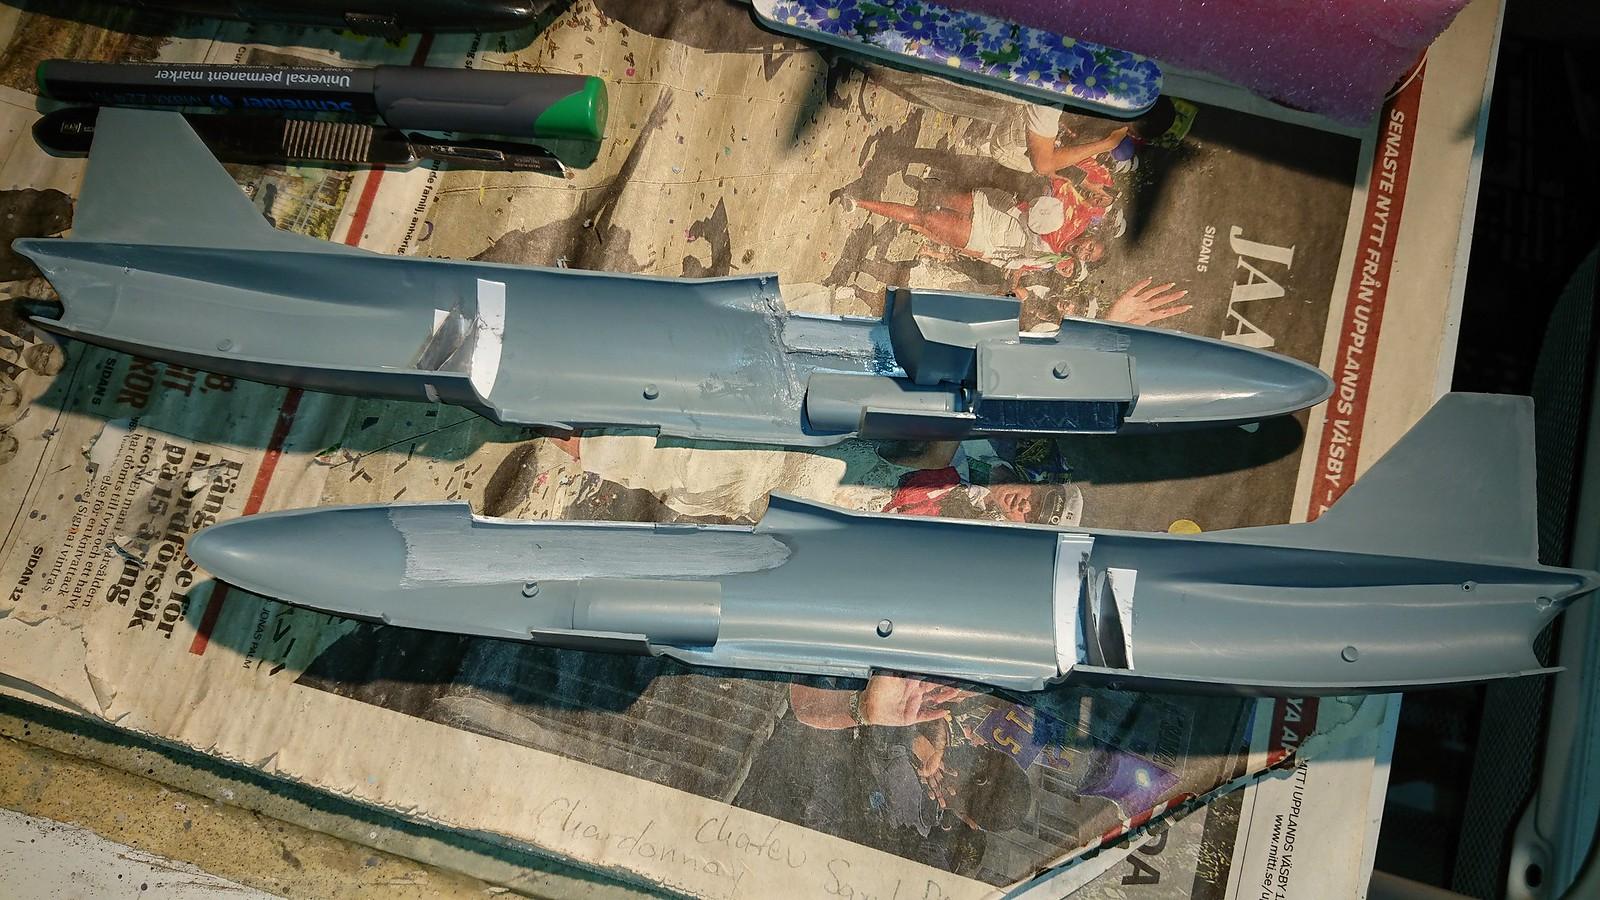 A32A Lansen - Tarangus 1/48 - Sida 3 46349631961_92acff3eaa_h